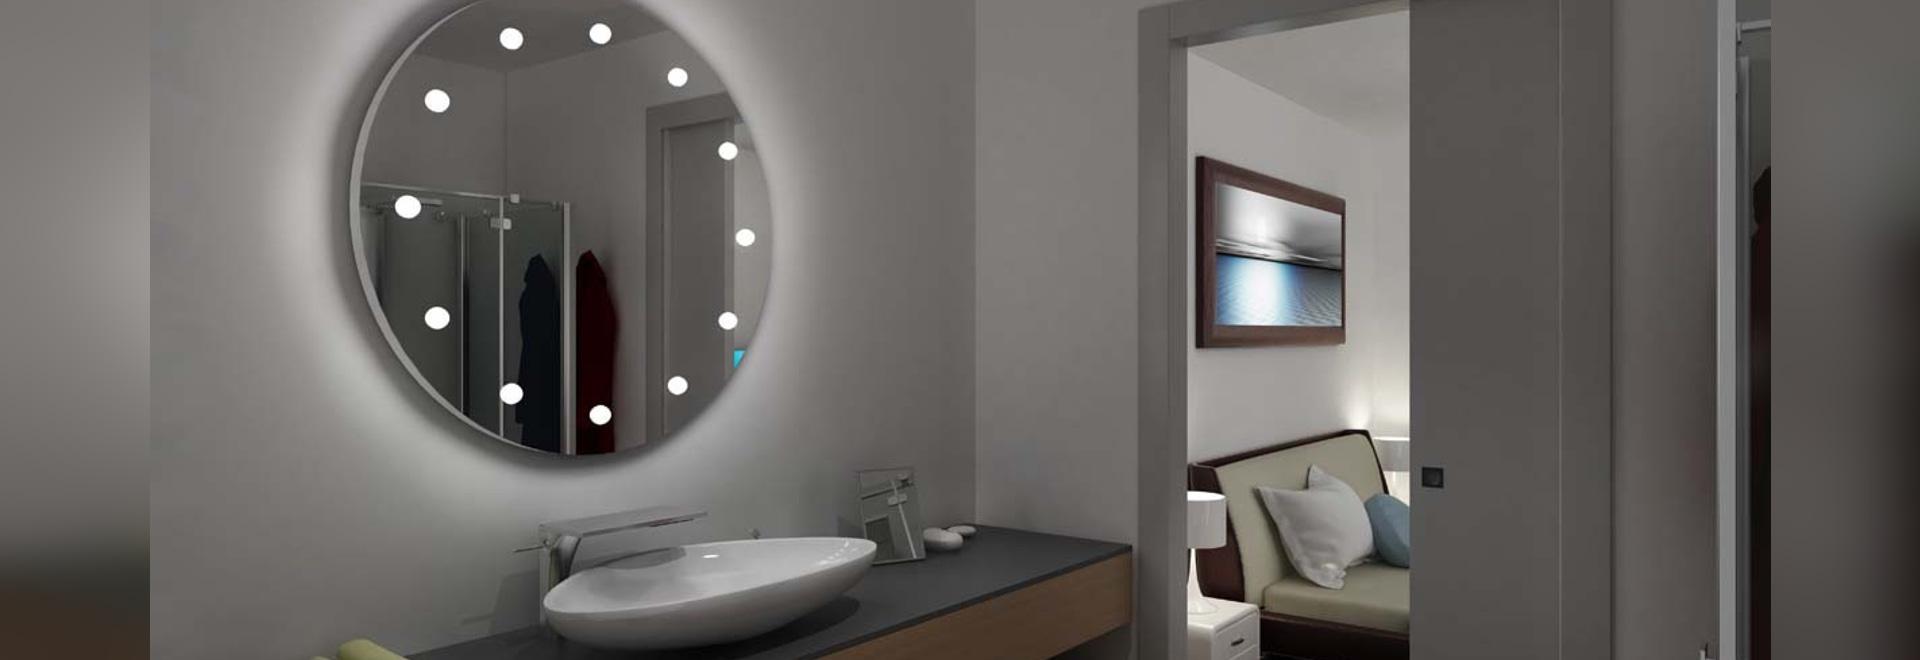 Unica  rond miroir lumineux  pour salle de bain